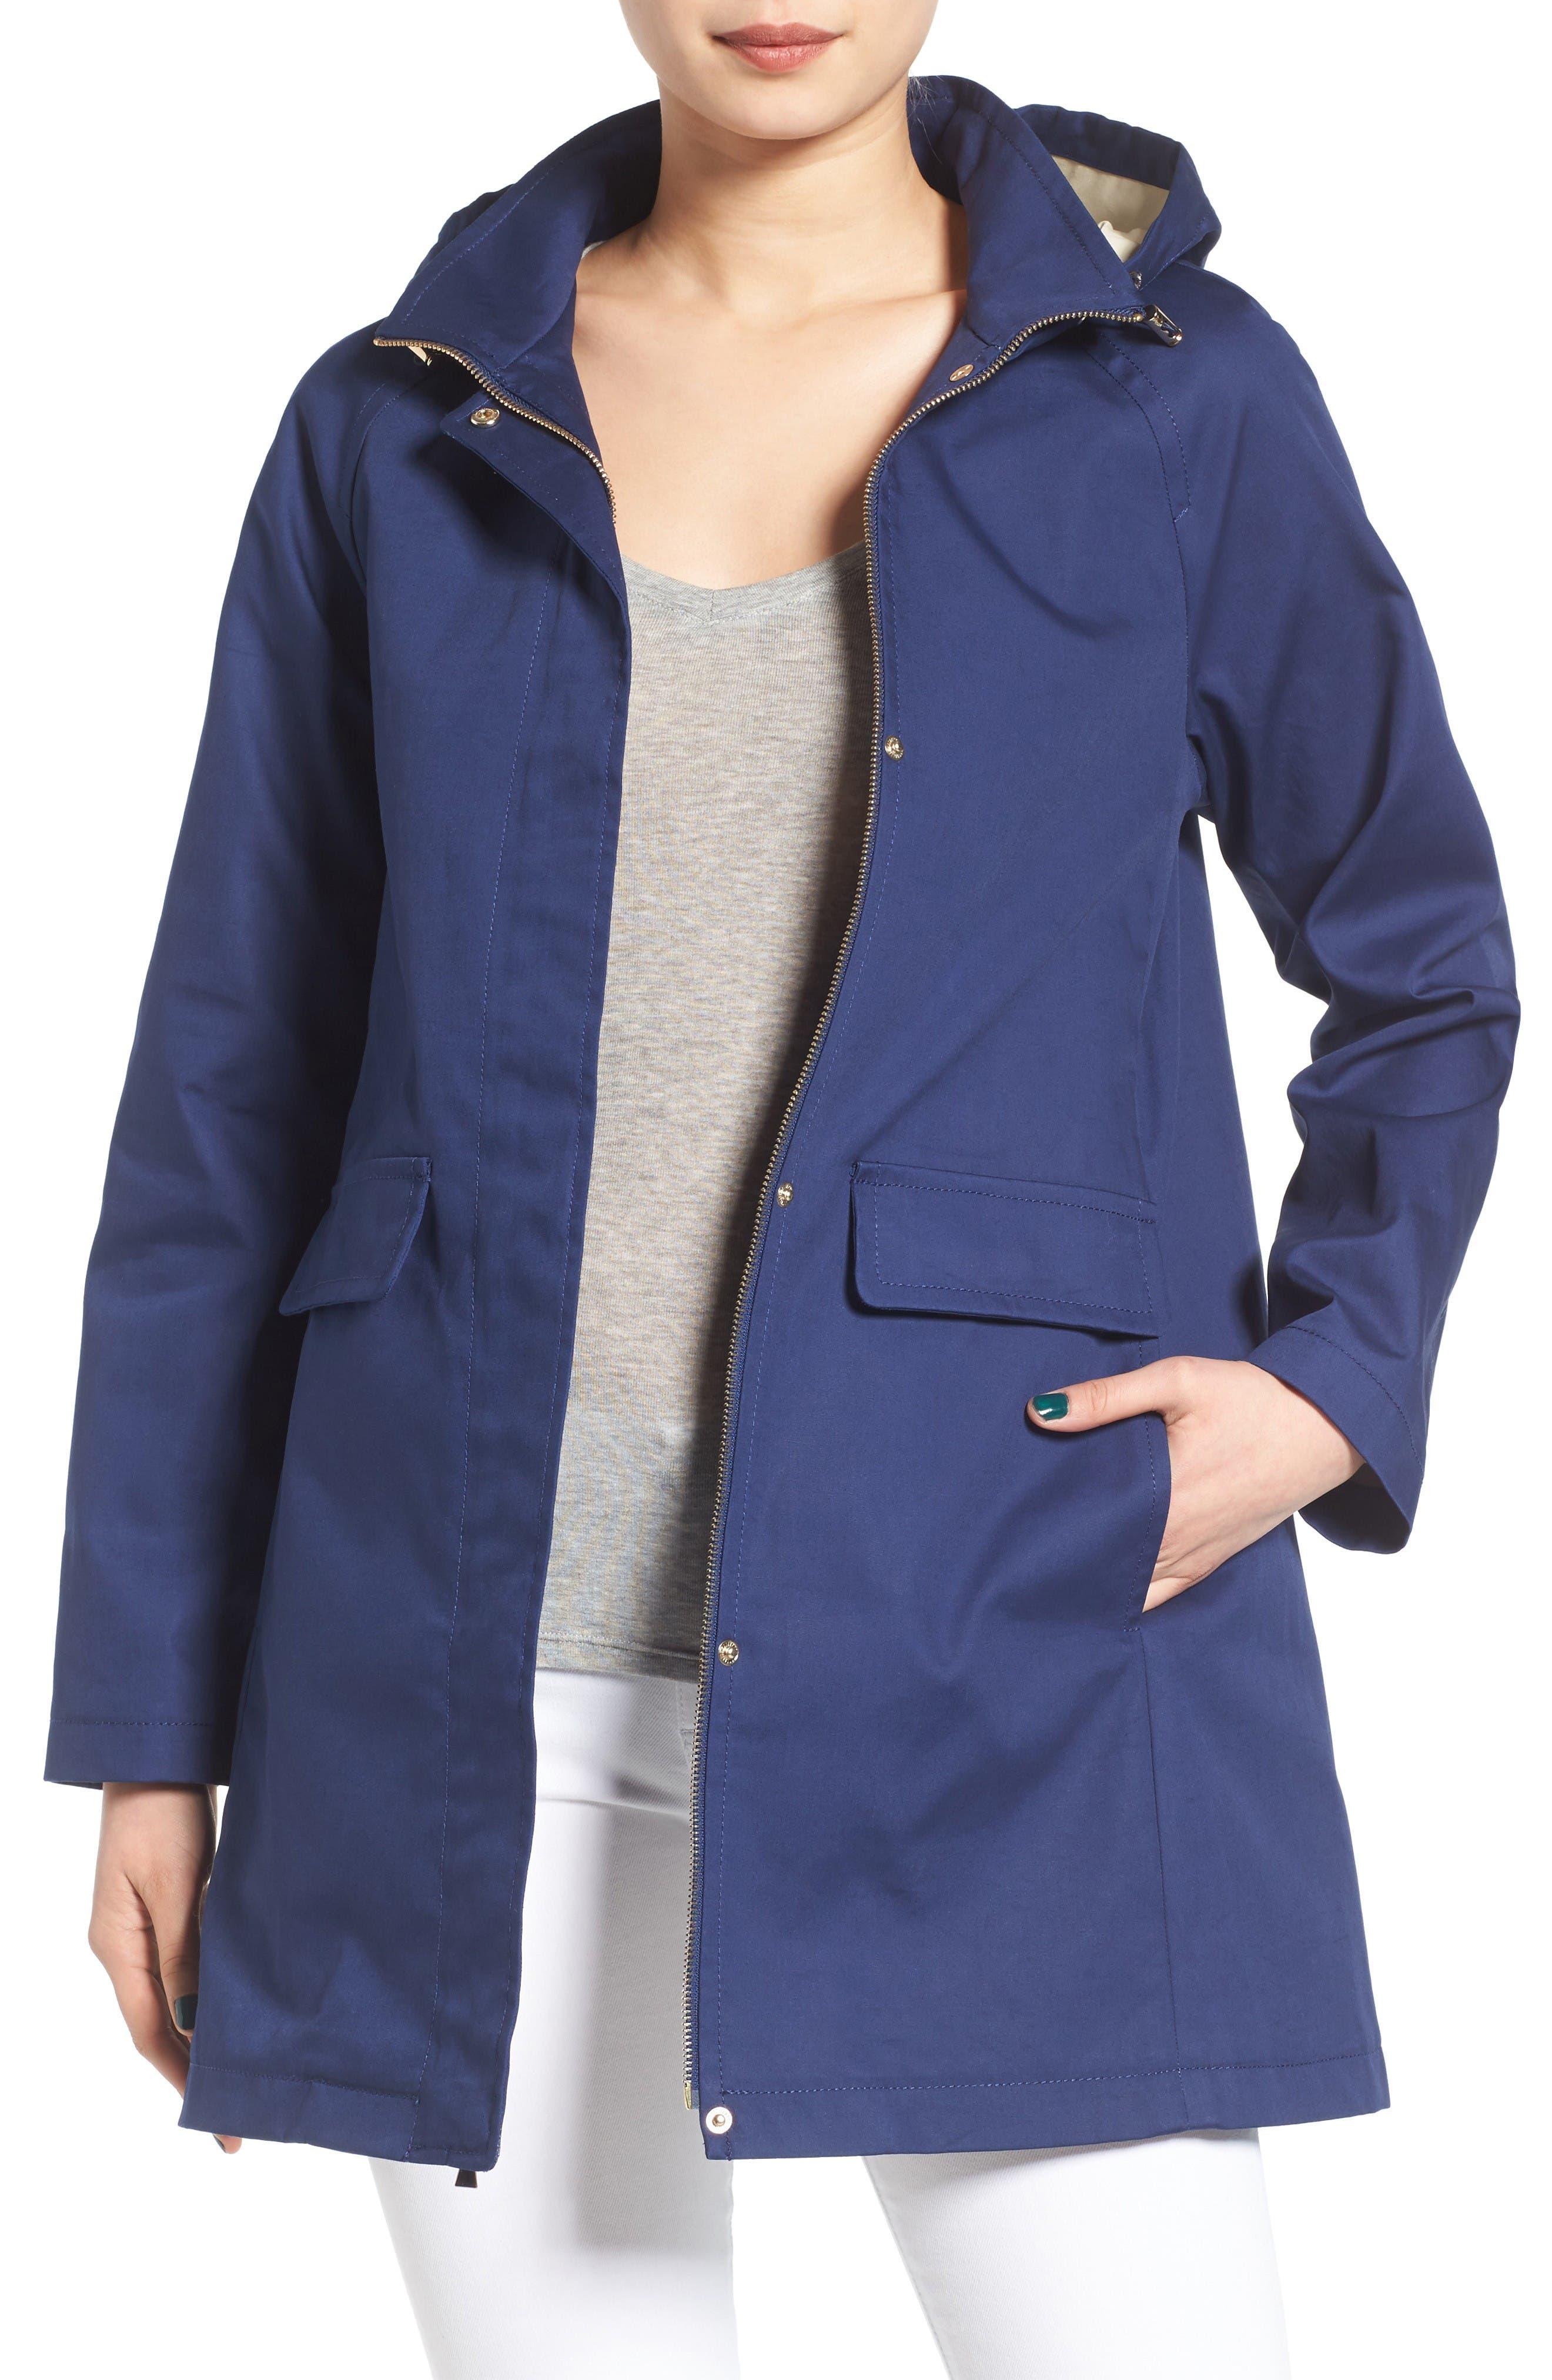 Alternate Image 1 Selected - kate spade new york raincoat